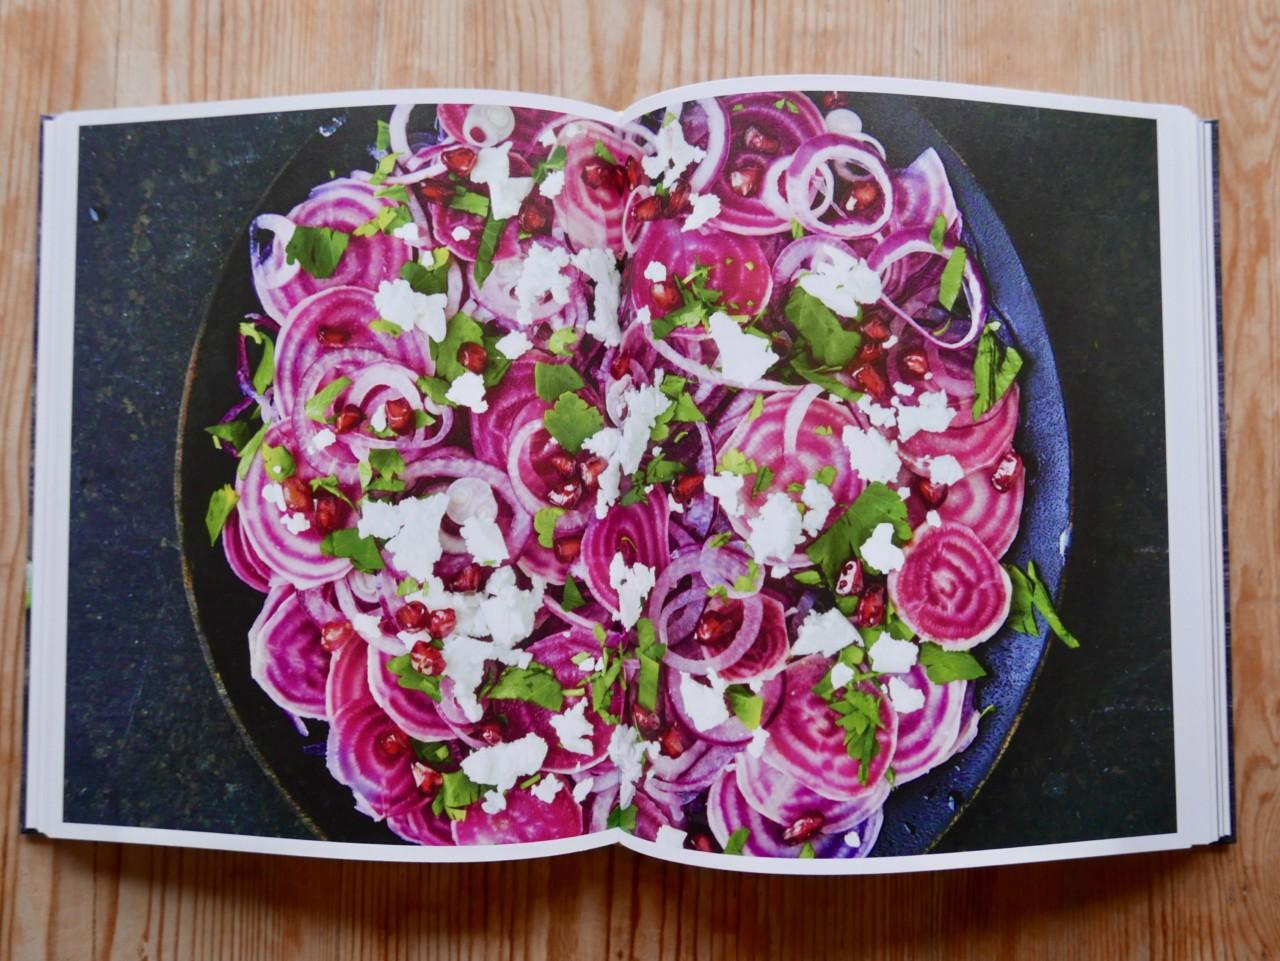 bete-salat-granateple-aicha-bouhlou